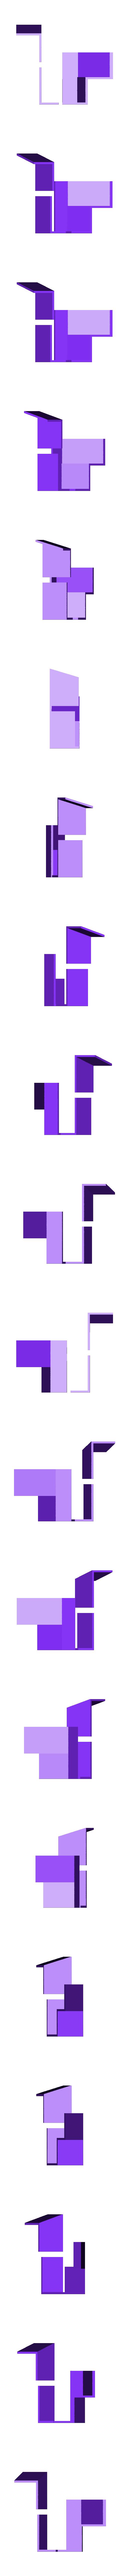 Black_03.stl Télécharger fichier STL gratuit Banque de pièces de monnaie pour chiens • Design pour impression 3D, Jwoong